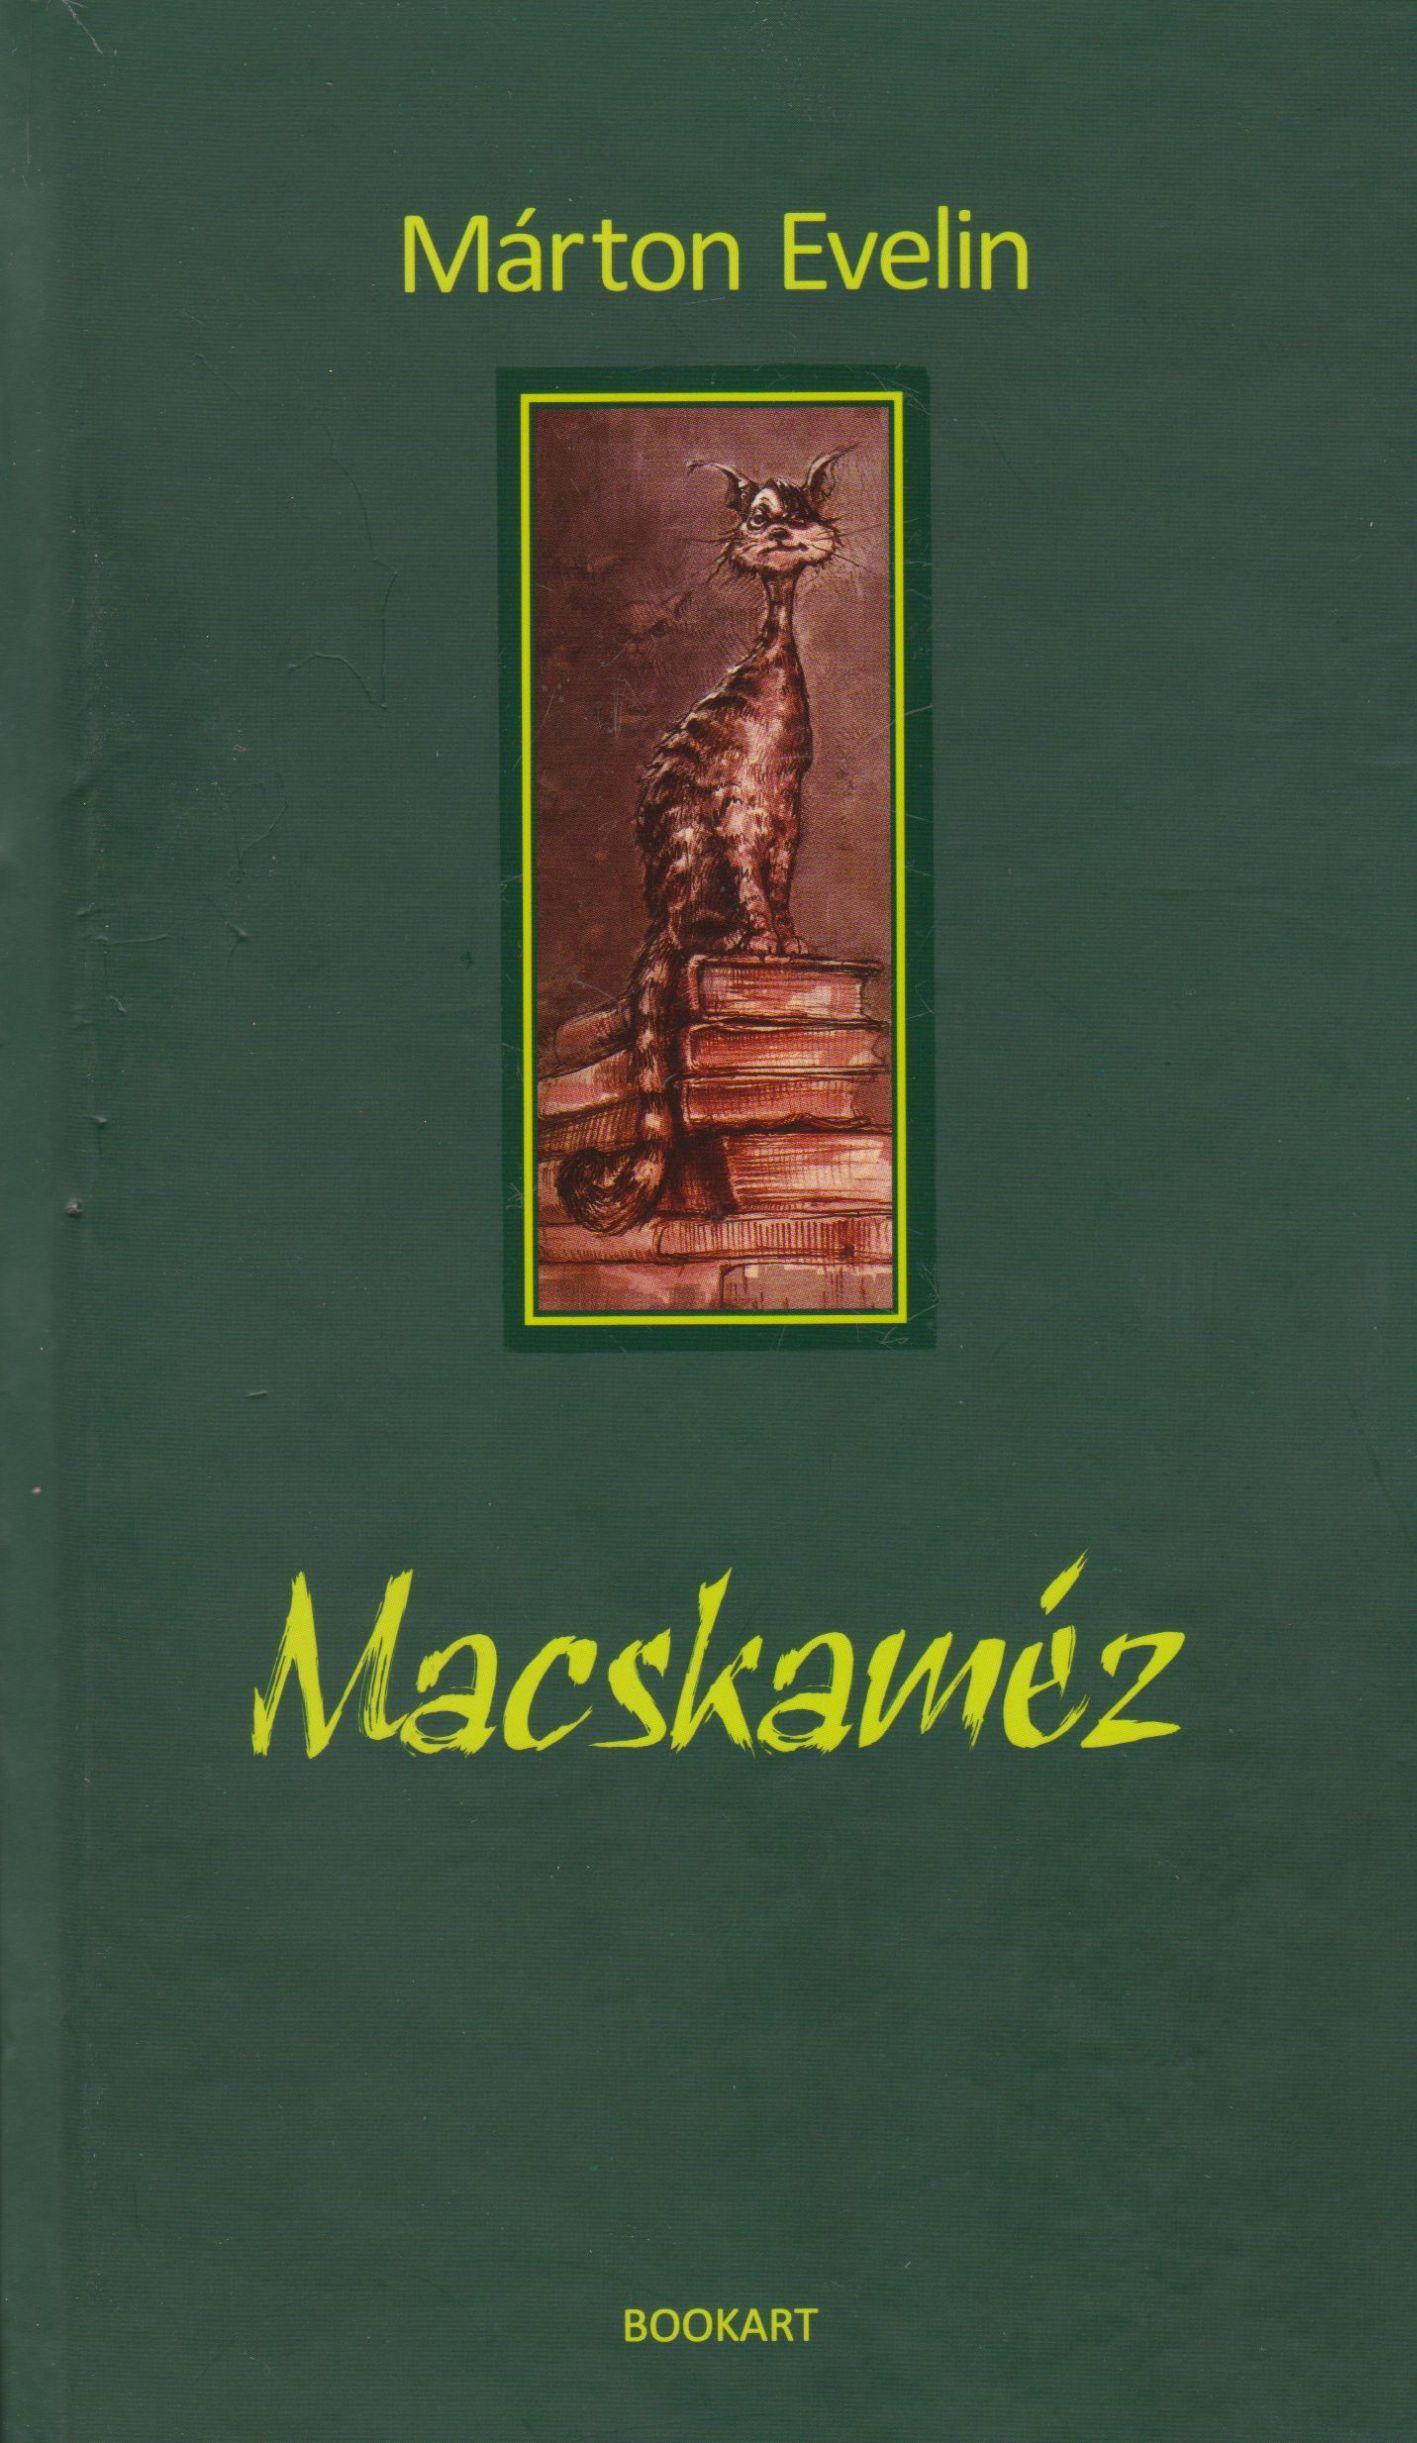 MACSKAMÉZ